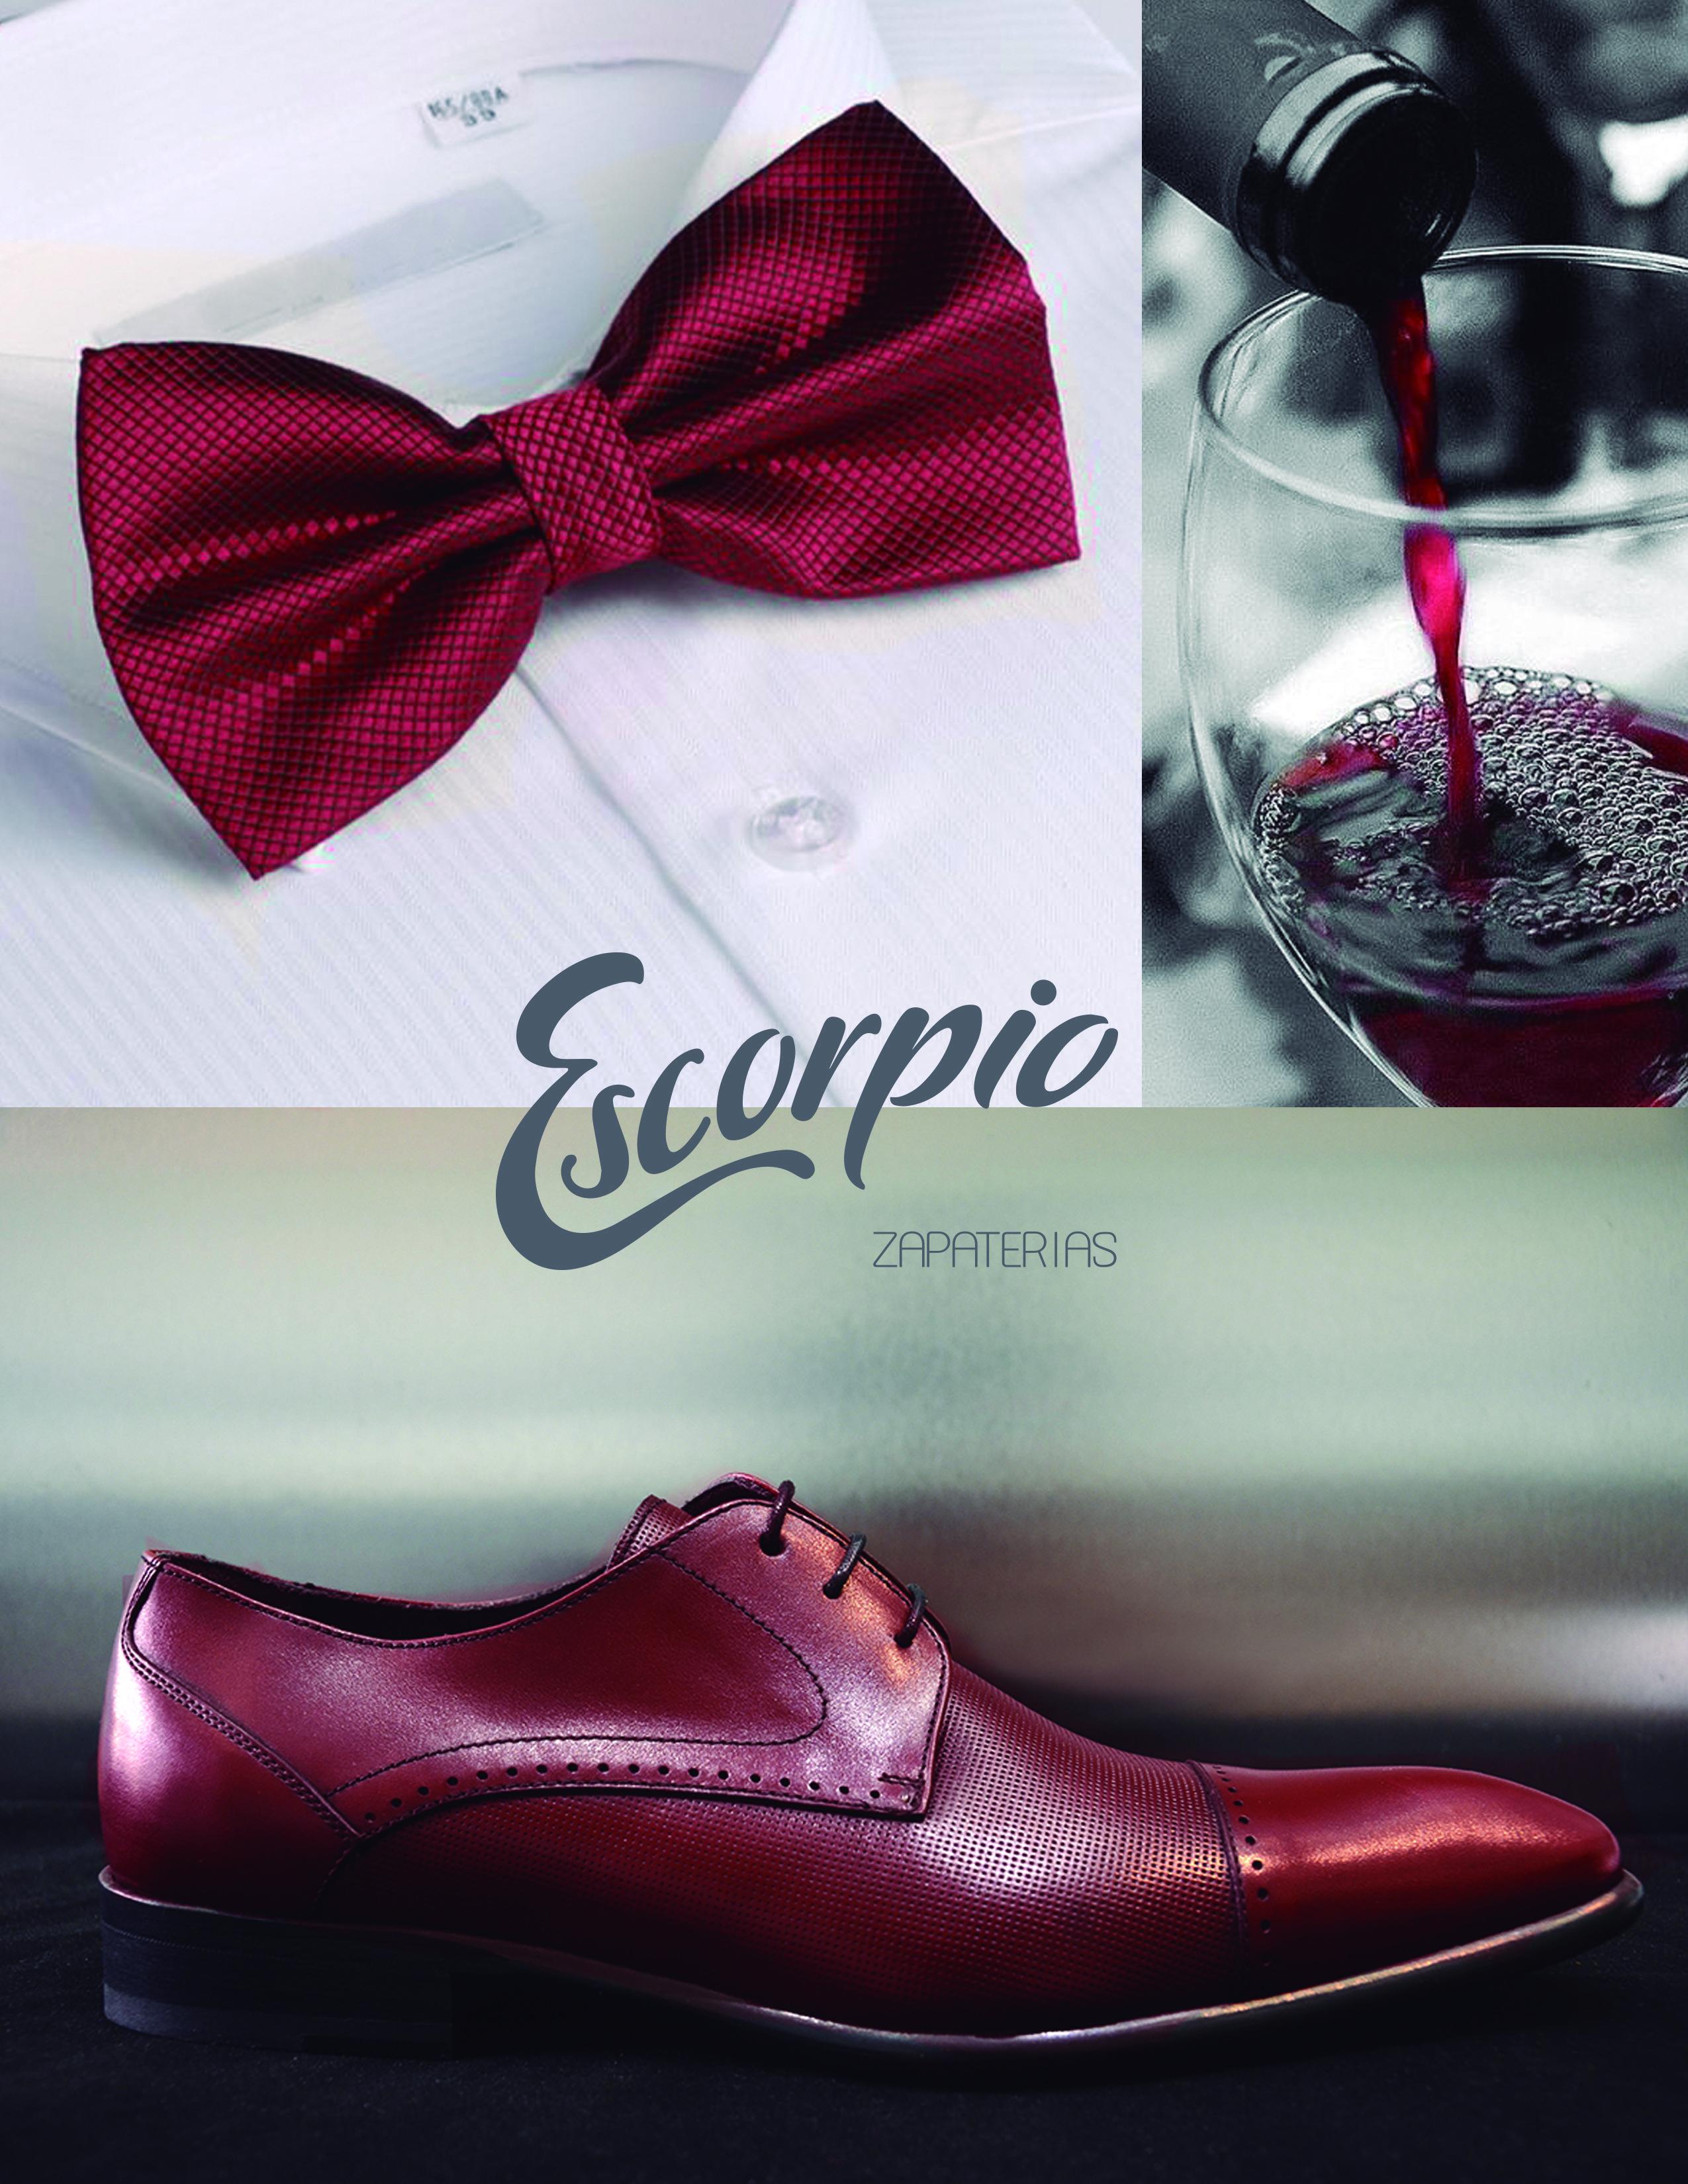 Para una ocasión especial #escorpio #amor #cena #vino #estilo